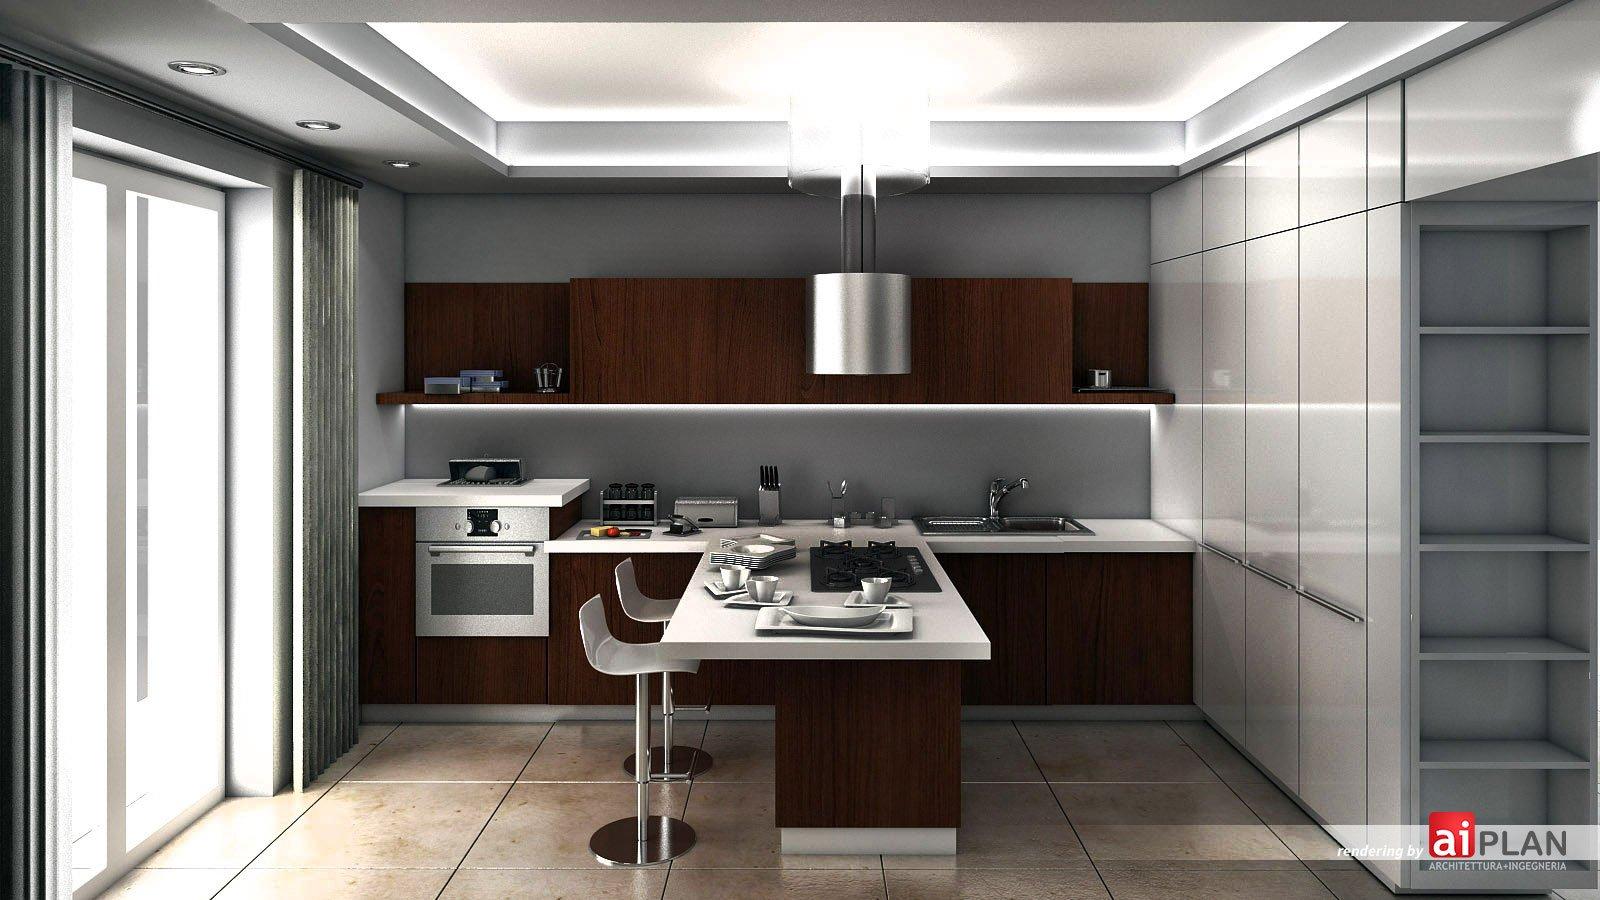 Rendering interni di residenze  Aiplan  architettura e